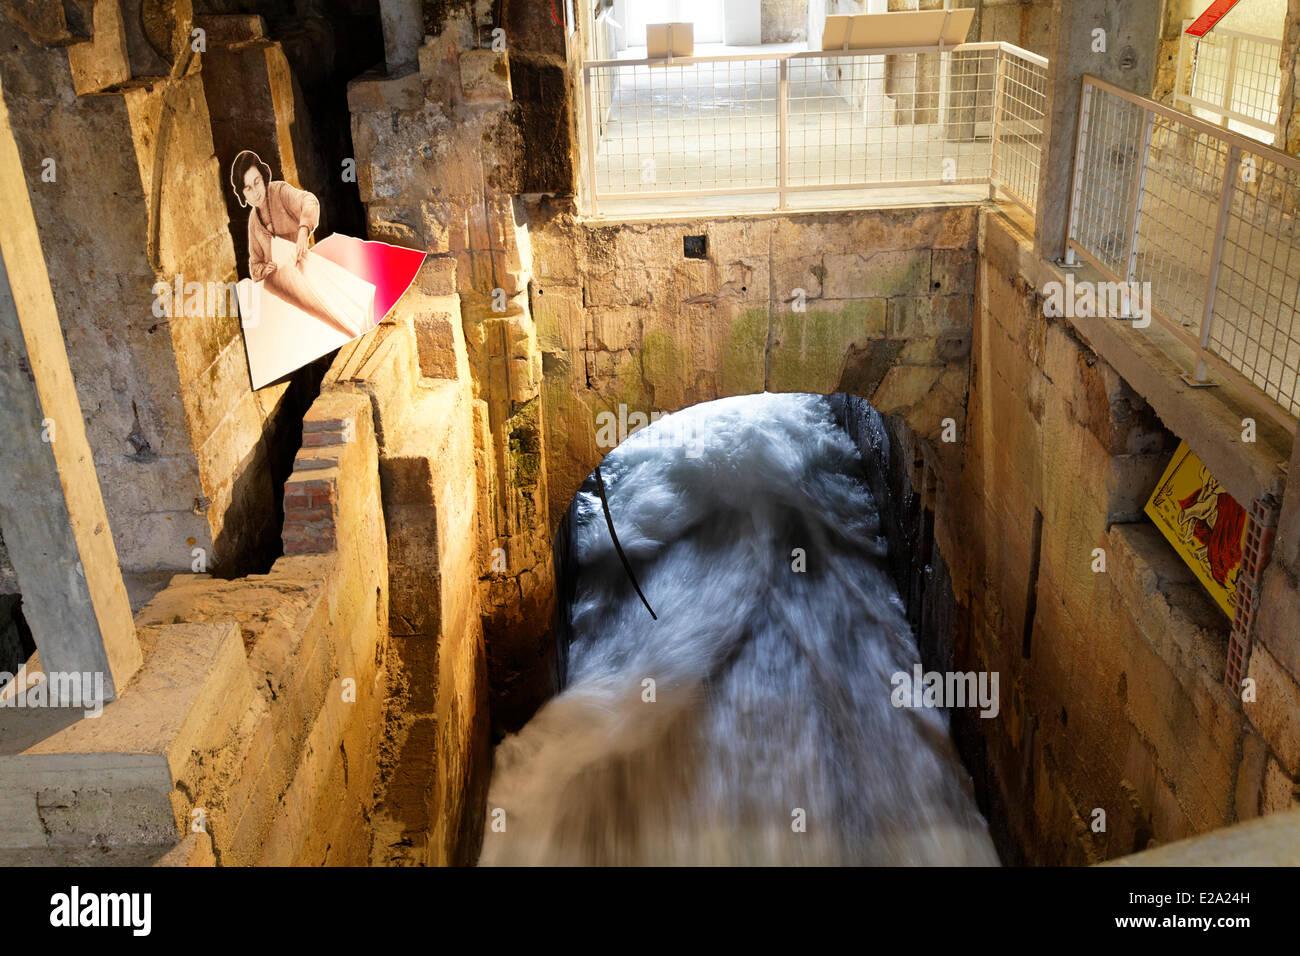 Frankreich, Charente, Angouleme, Musee du Papier (Papiermuseum) Stockbild